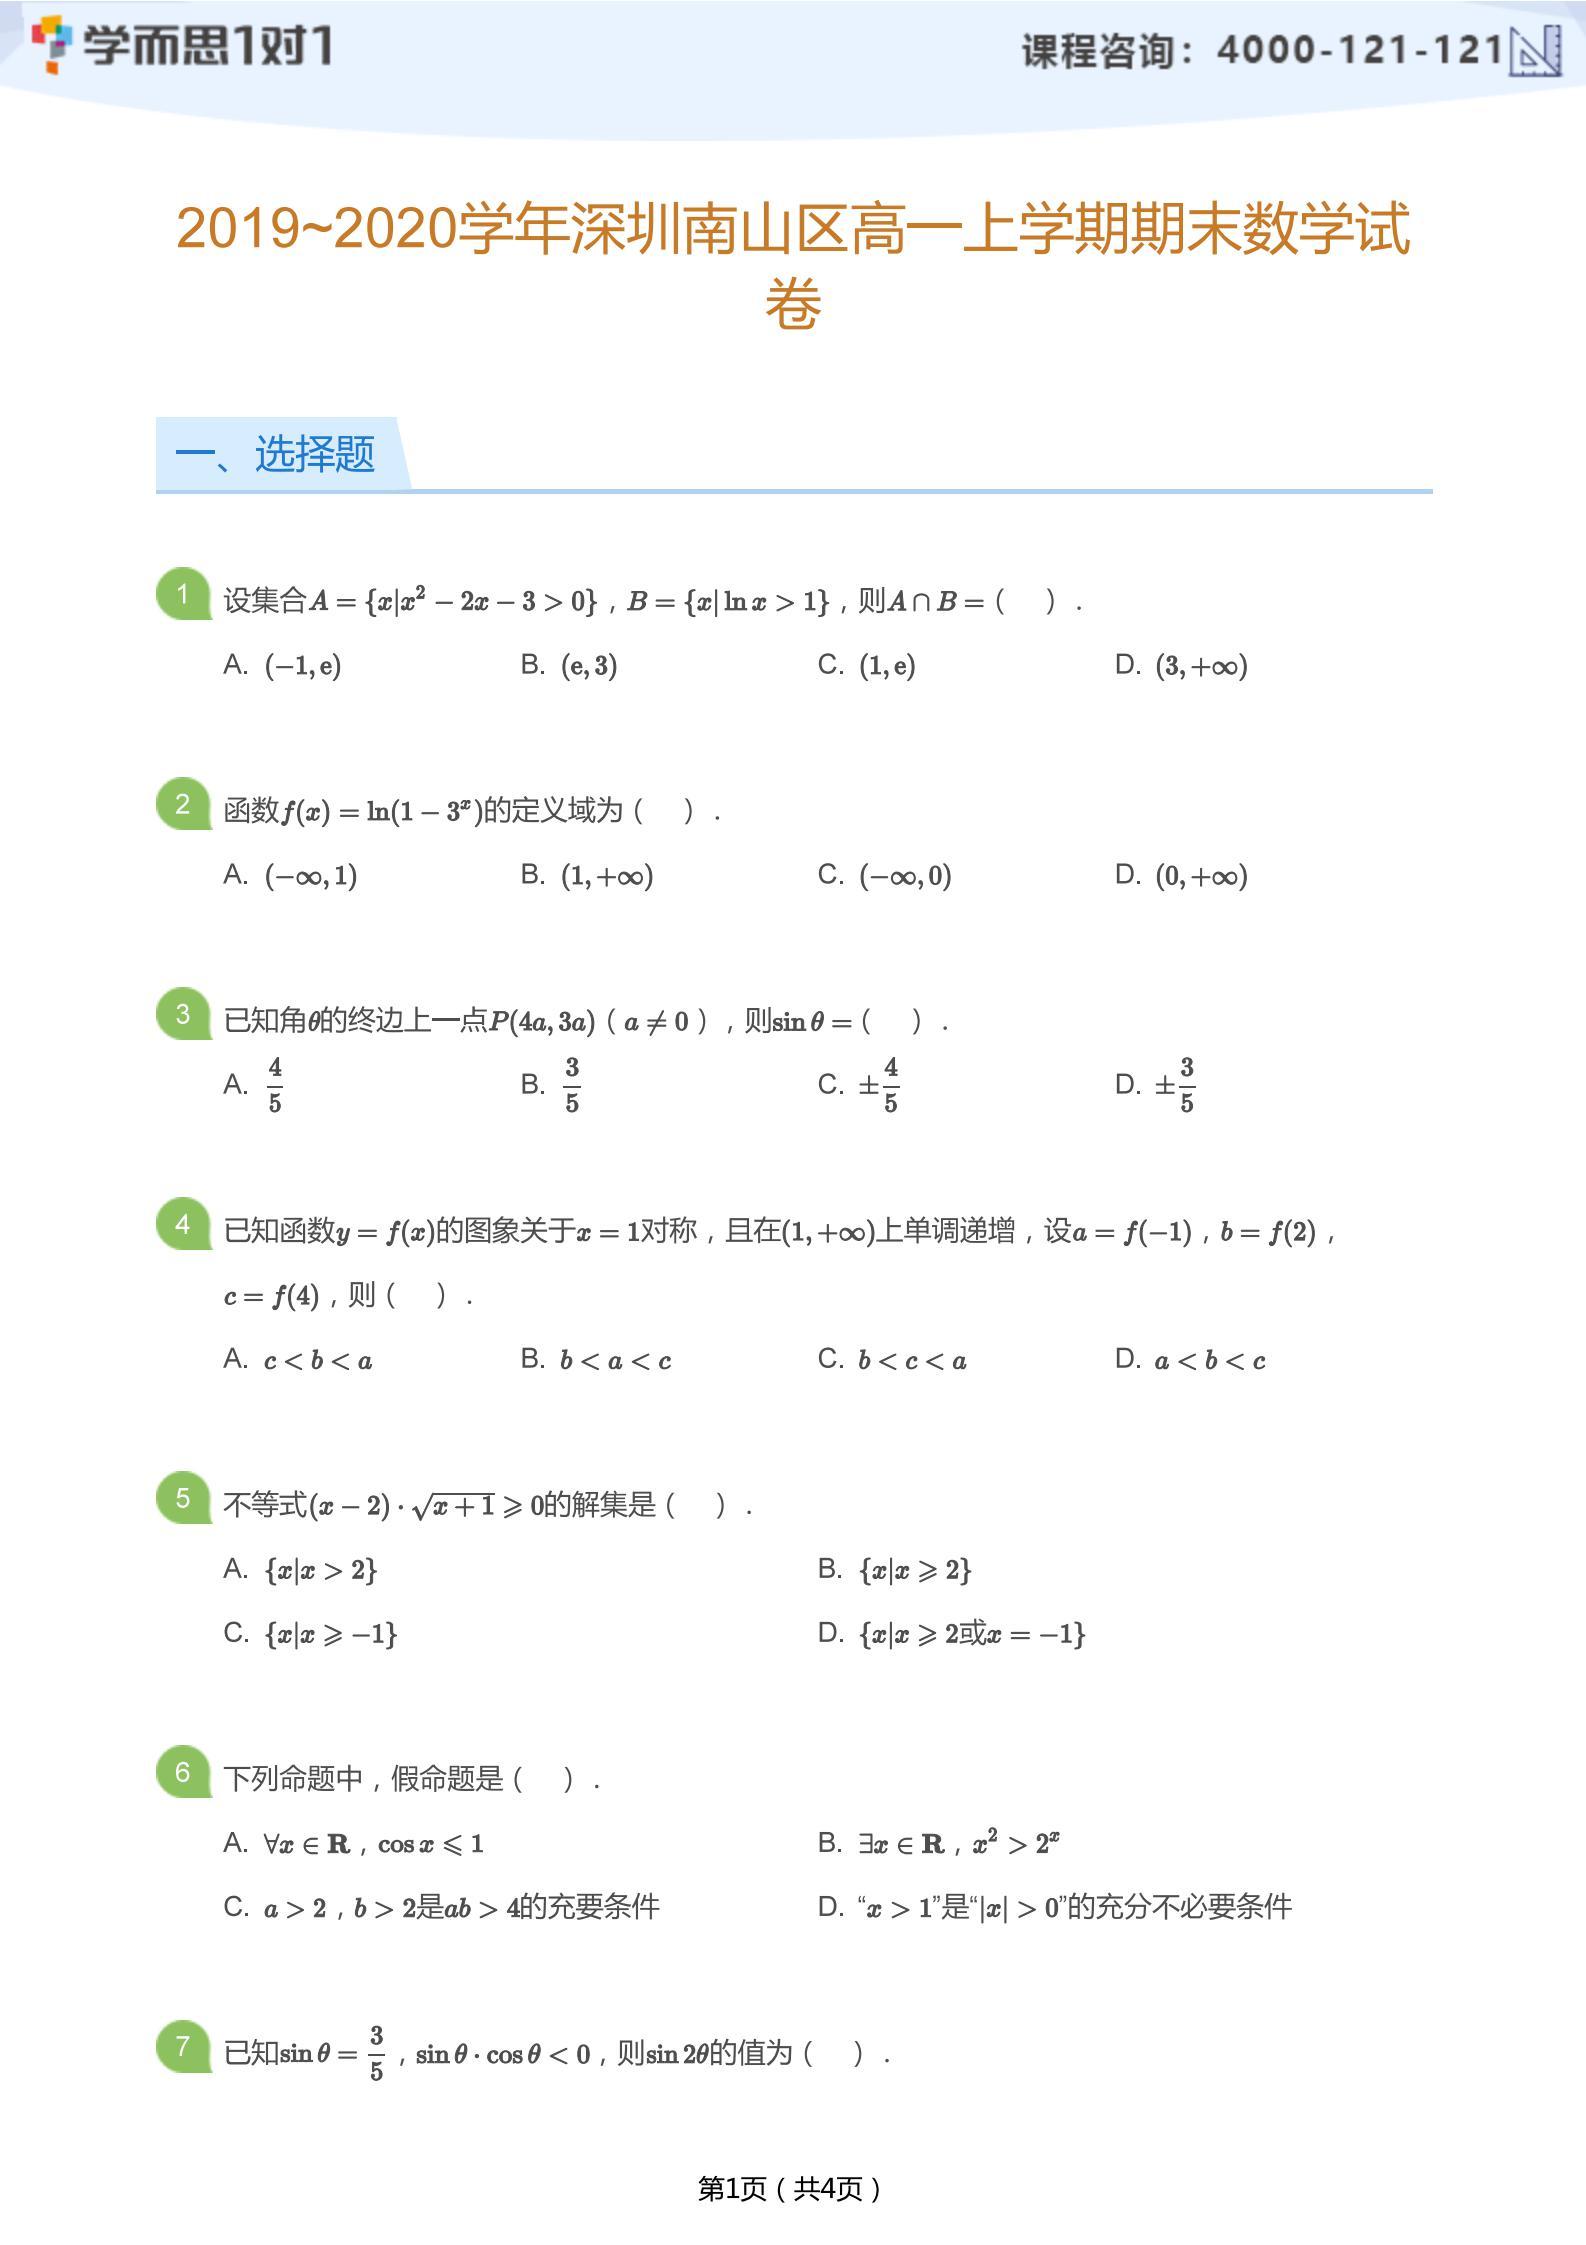 2019-2020学年深圳南山区高一上月考数学试卷及答案